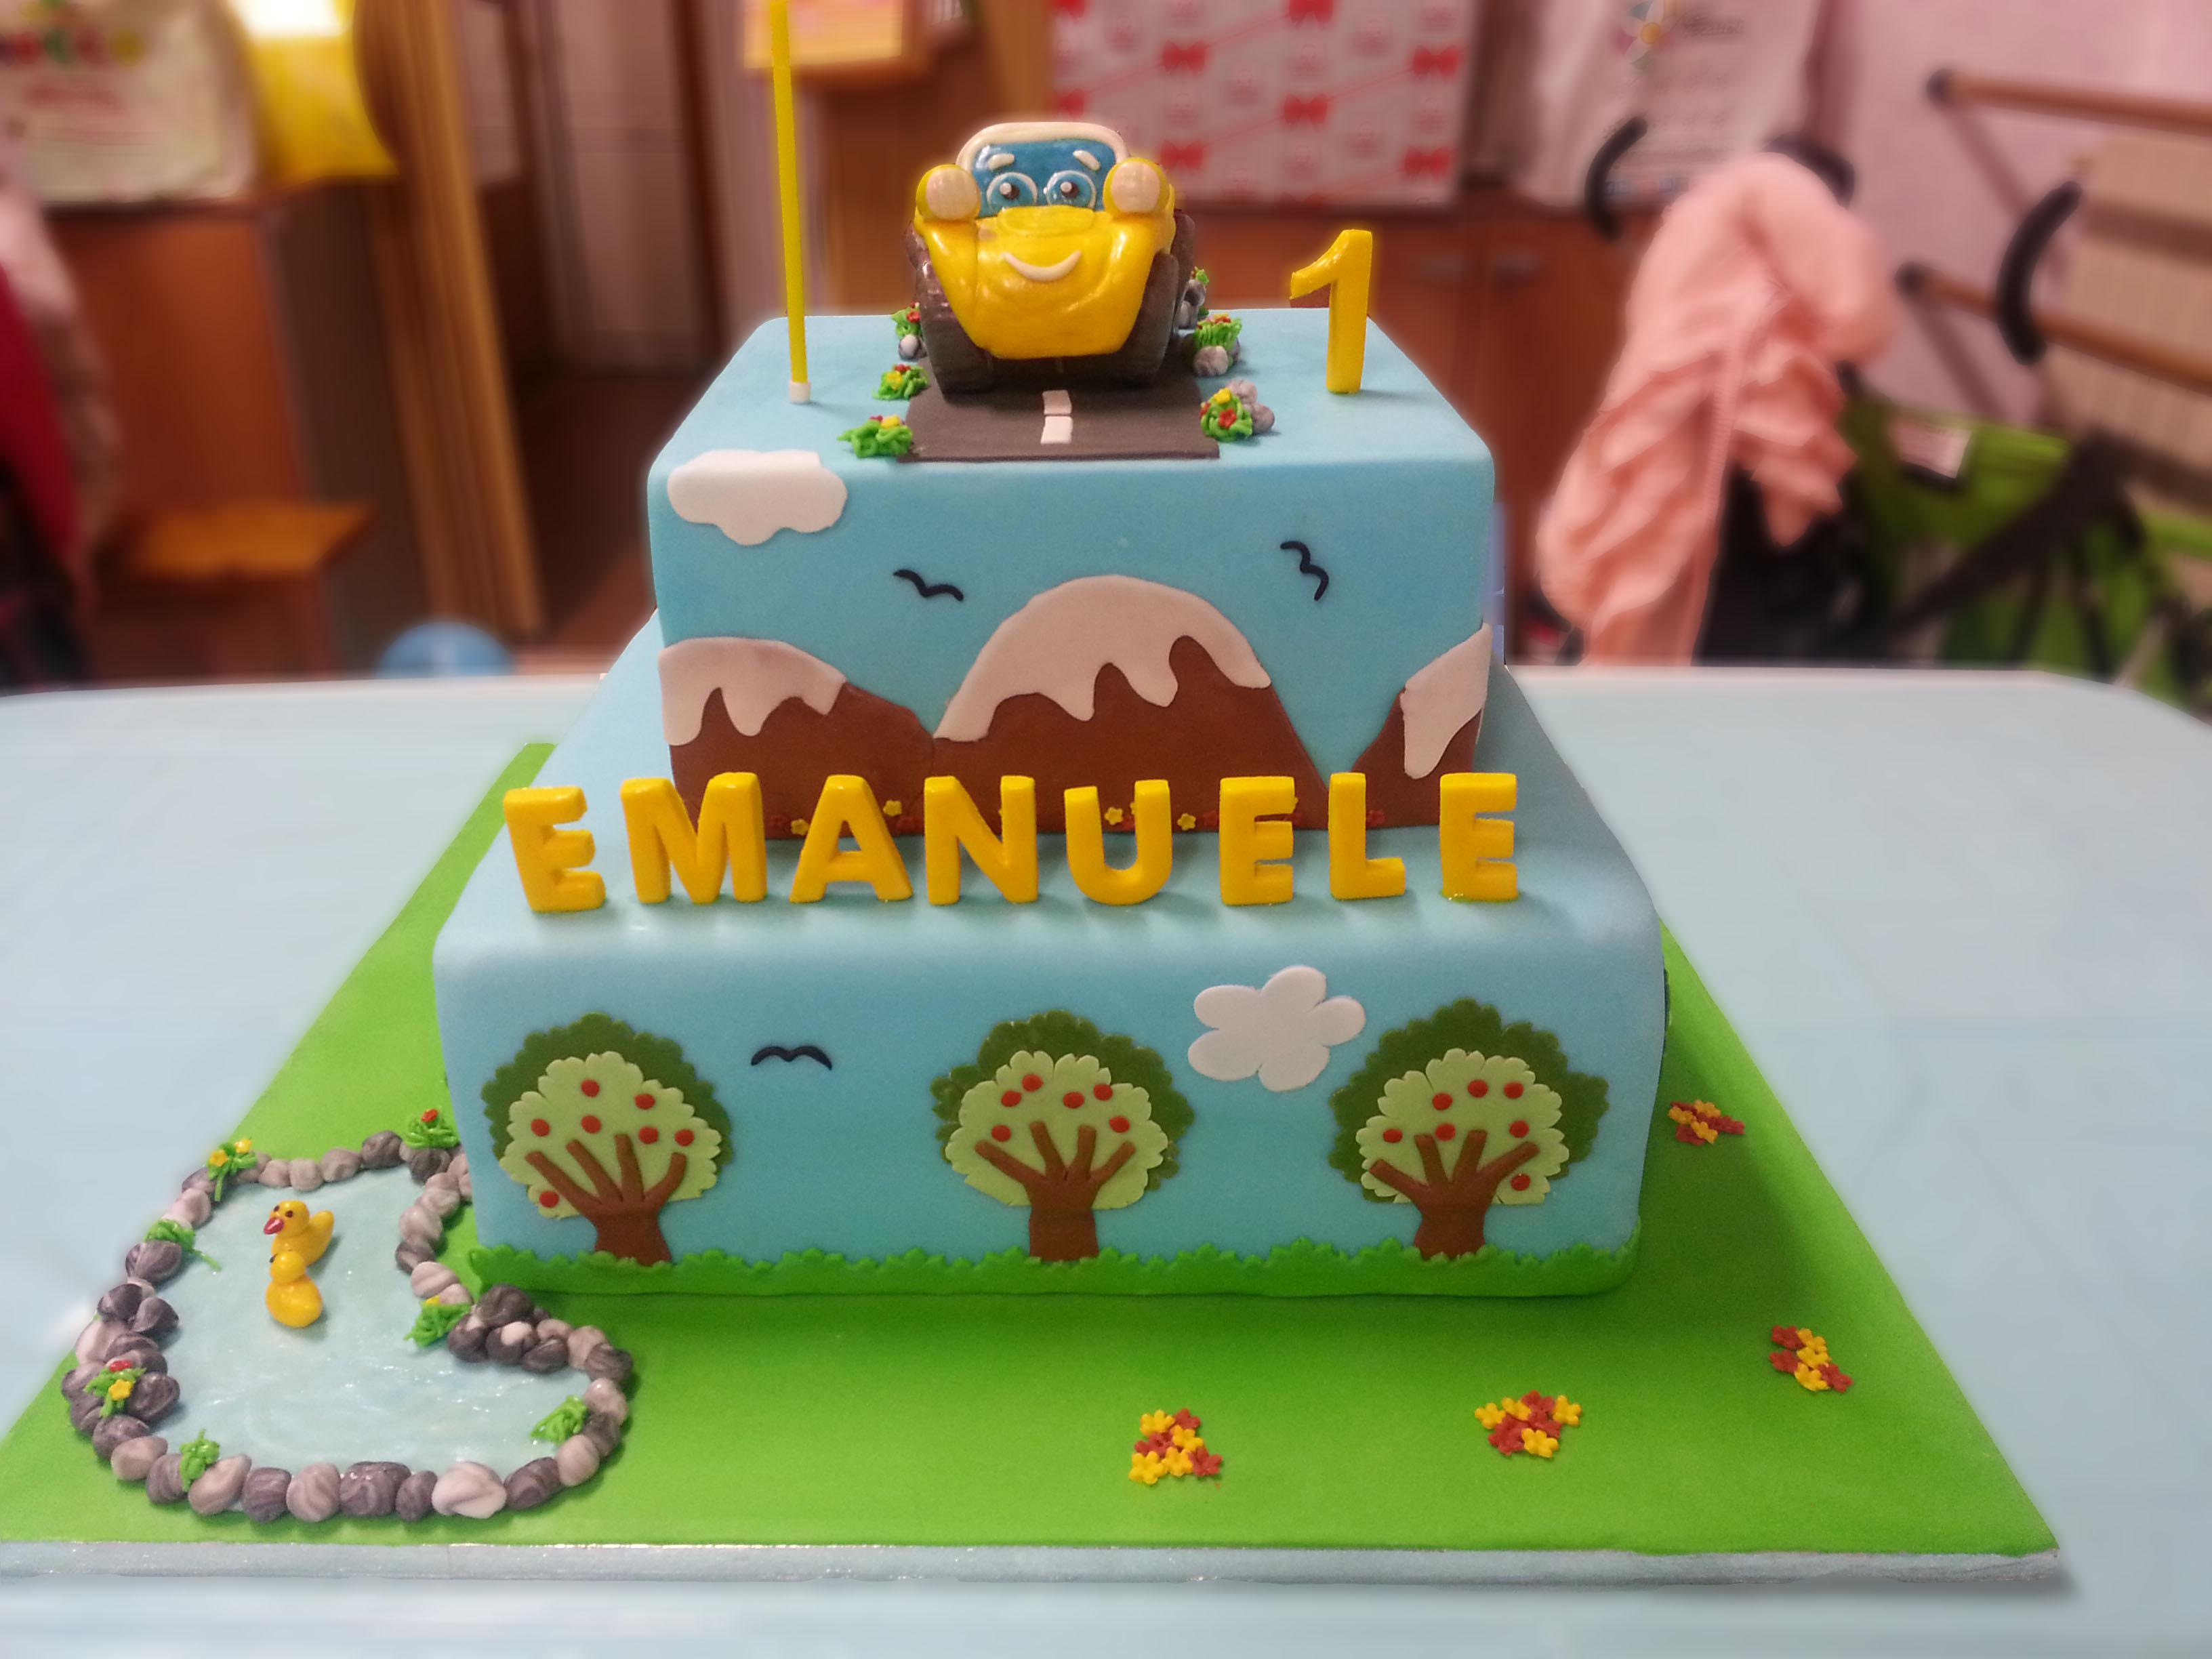 Popolare Torte per bambini - Cuginette sul gâteau KU97